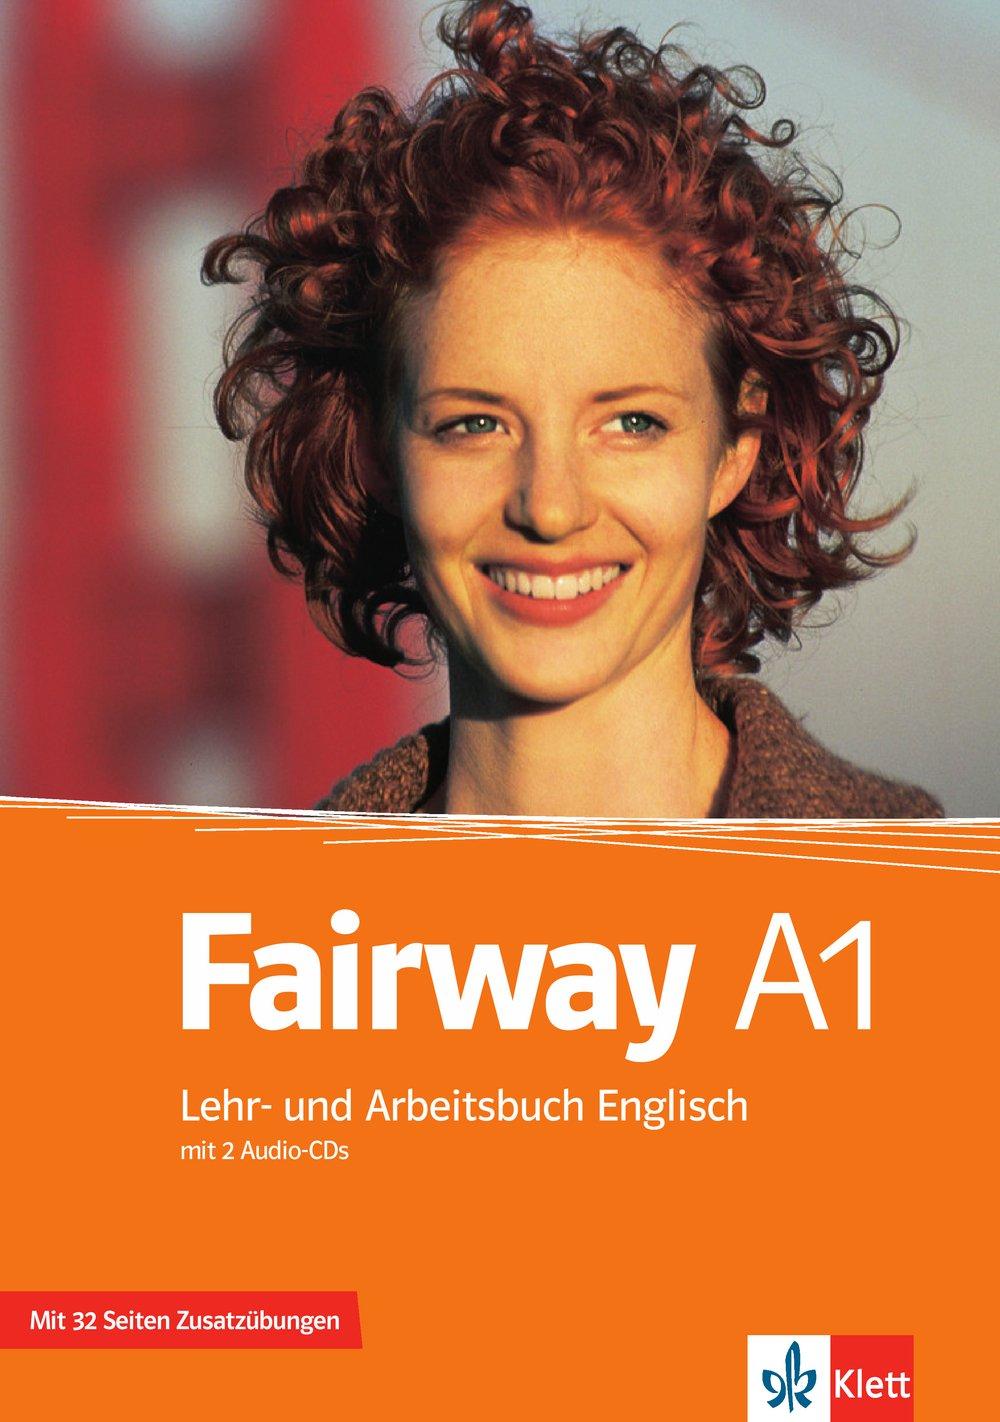 Fairway A1: Lehr- und Arbeitsbuch Englisch mit 2 Audio-CDs